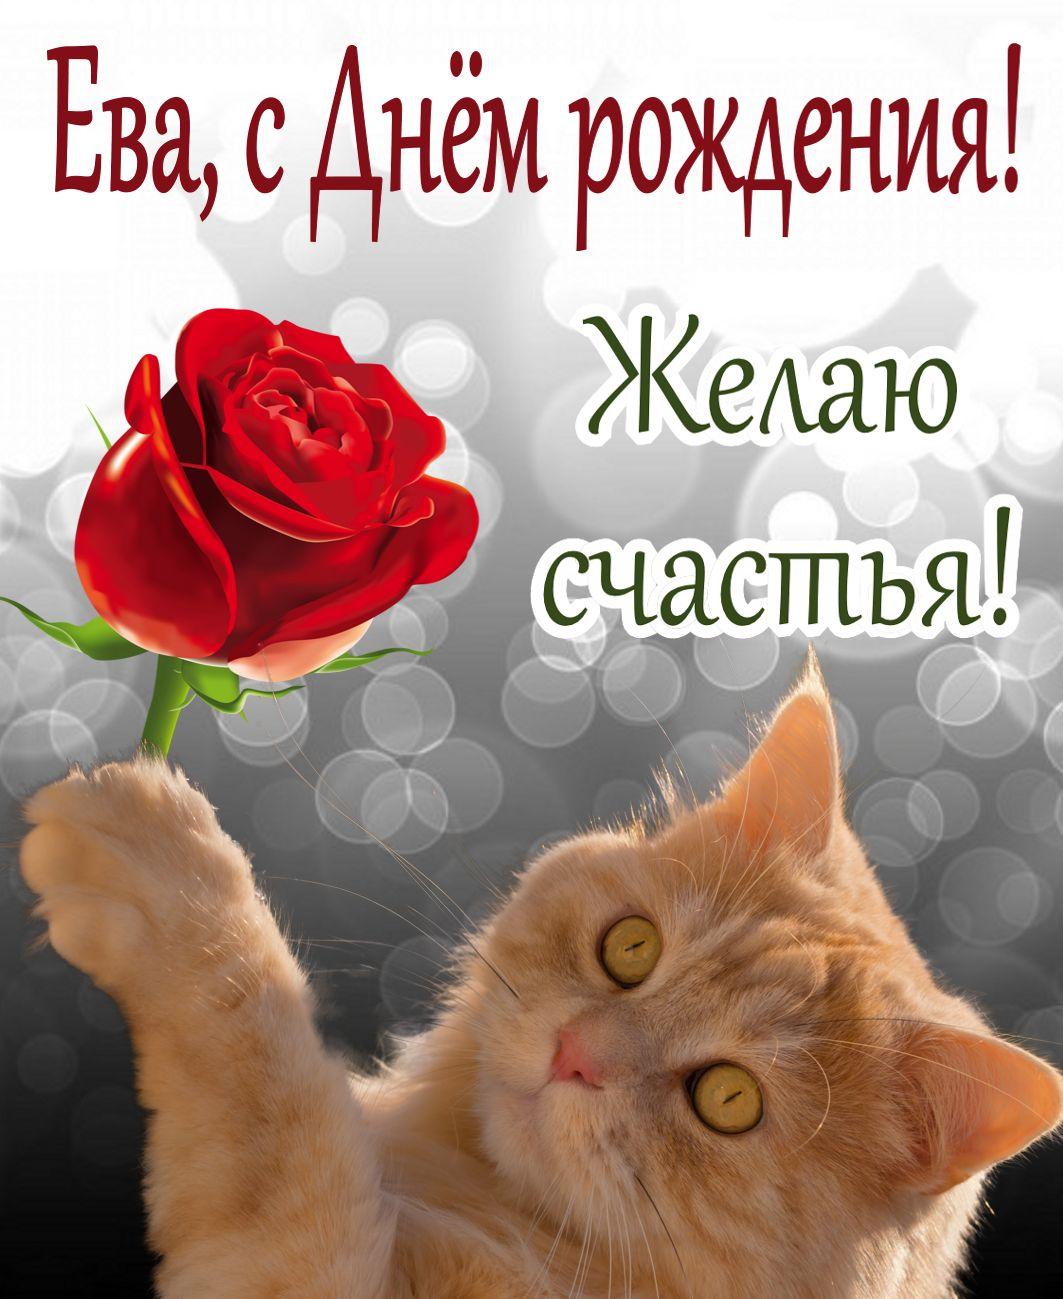 Открытка с Днем рождения Еве - рыжий котик с красной розой желает счастья